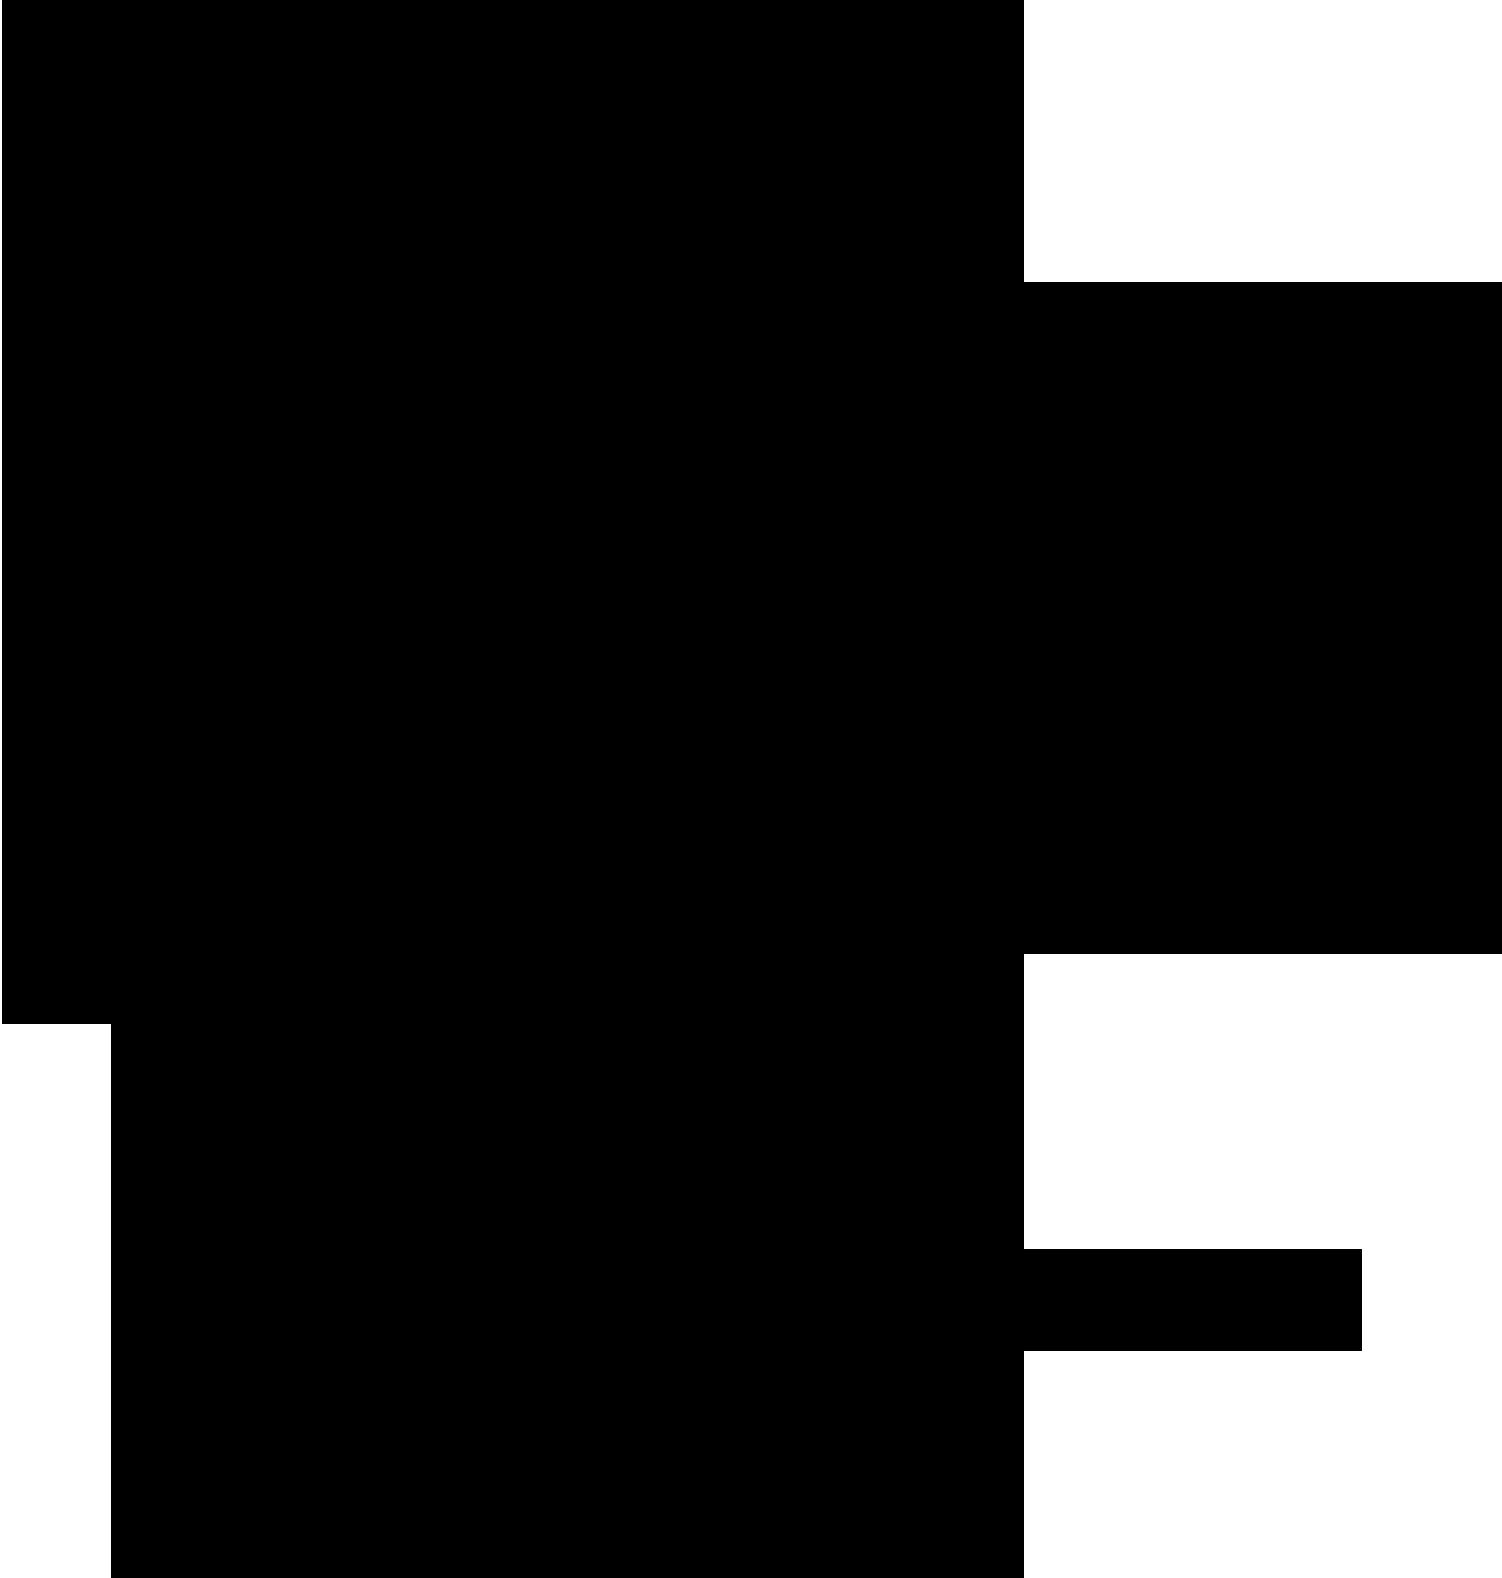 logo_HI.png